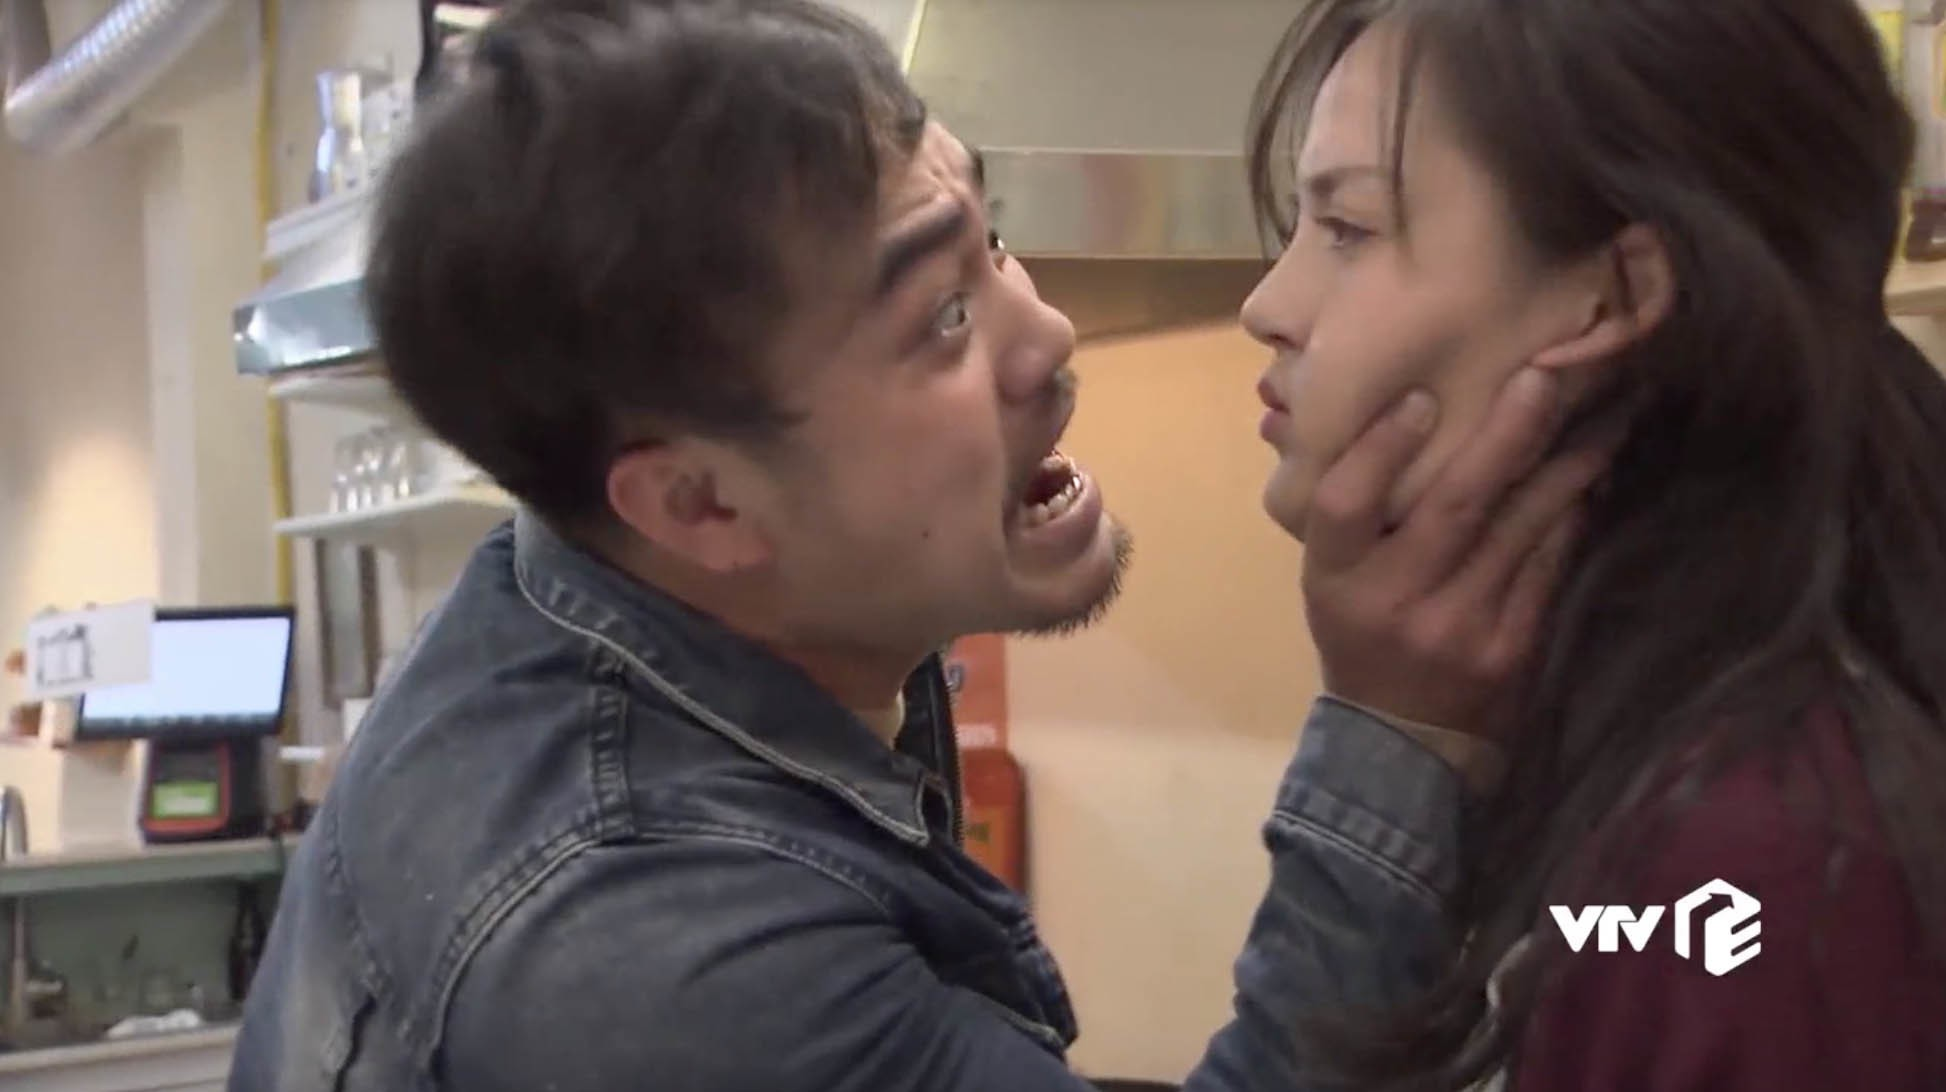 Trọng Hùng Về nhà đi con: Vợ bảo trông tôi trên phim rất đáng sợ - Ảnh 2.